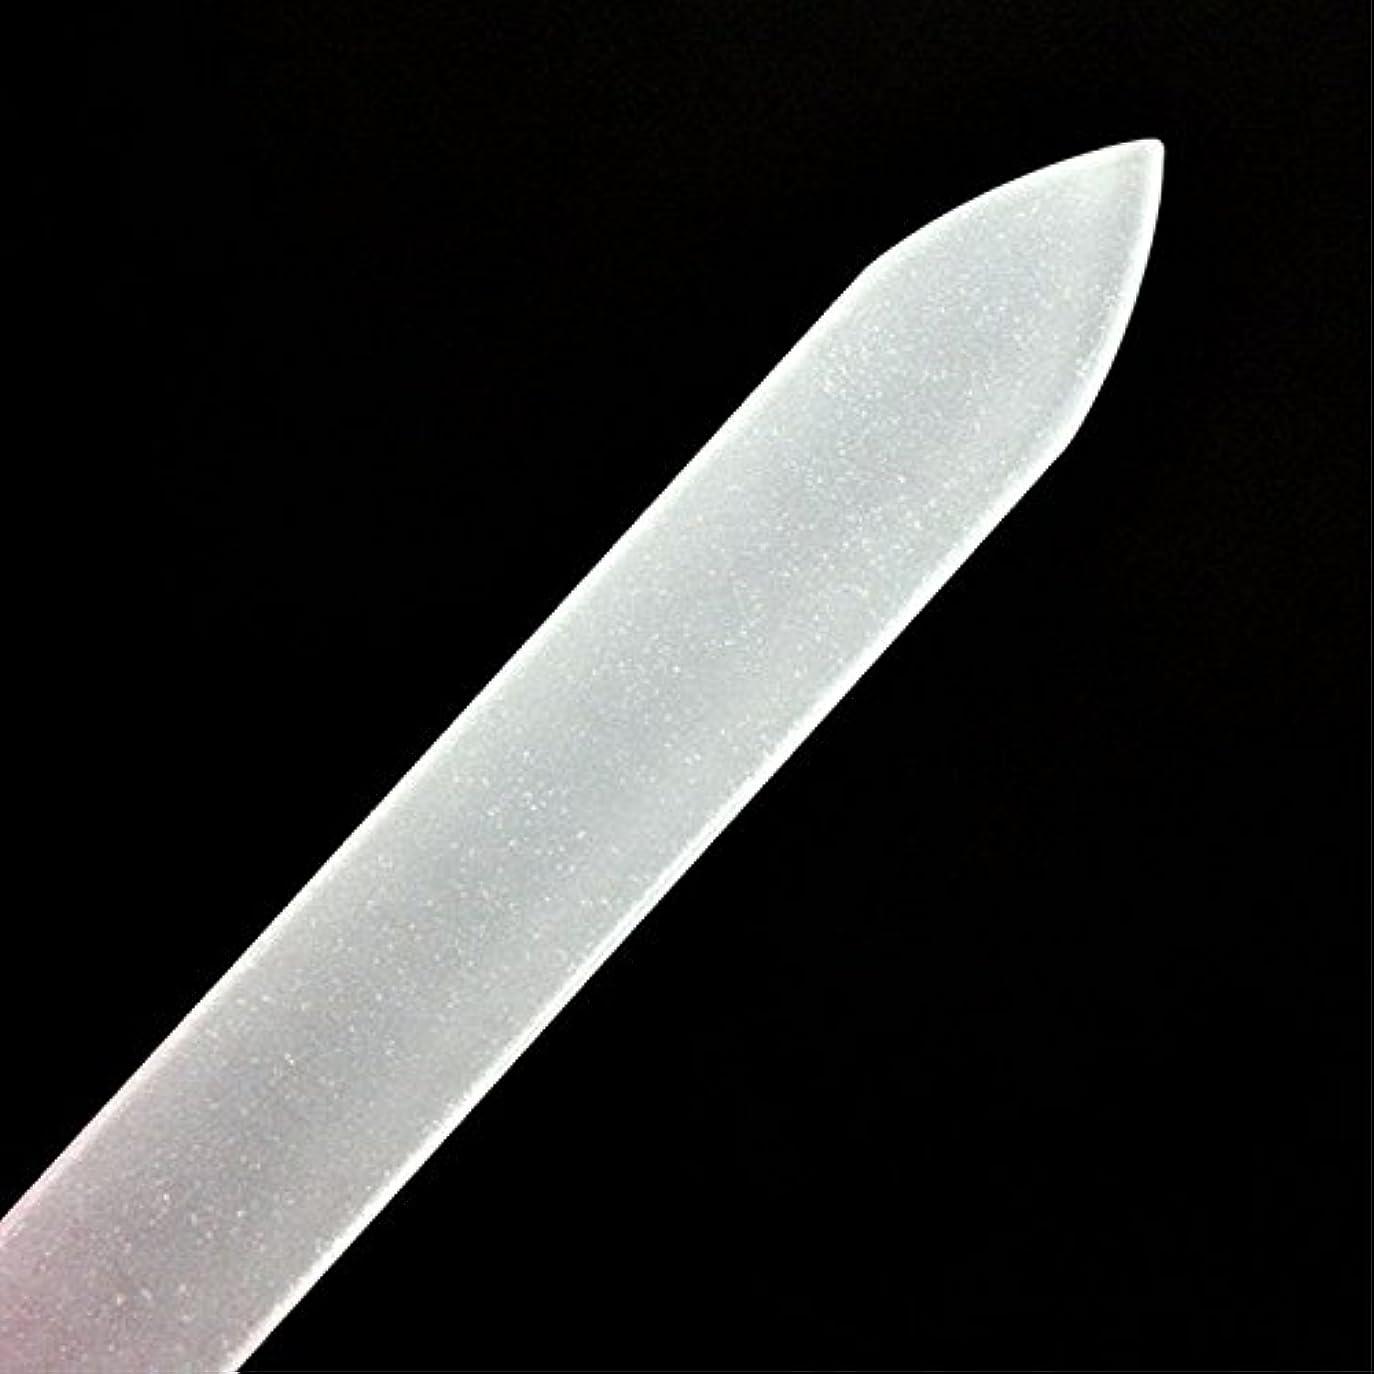 暗くする横向き小屋爪磨き つめみがき ネイルケア 爪やすり 用品ガラス製爪ヤスリ ガラス製 ケース付 つめやすり甘皮 ケア